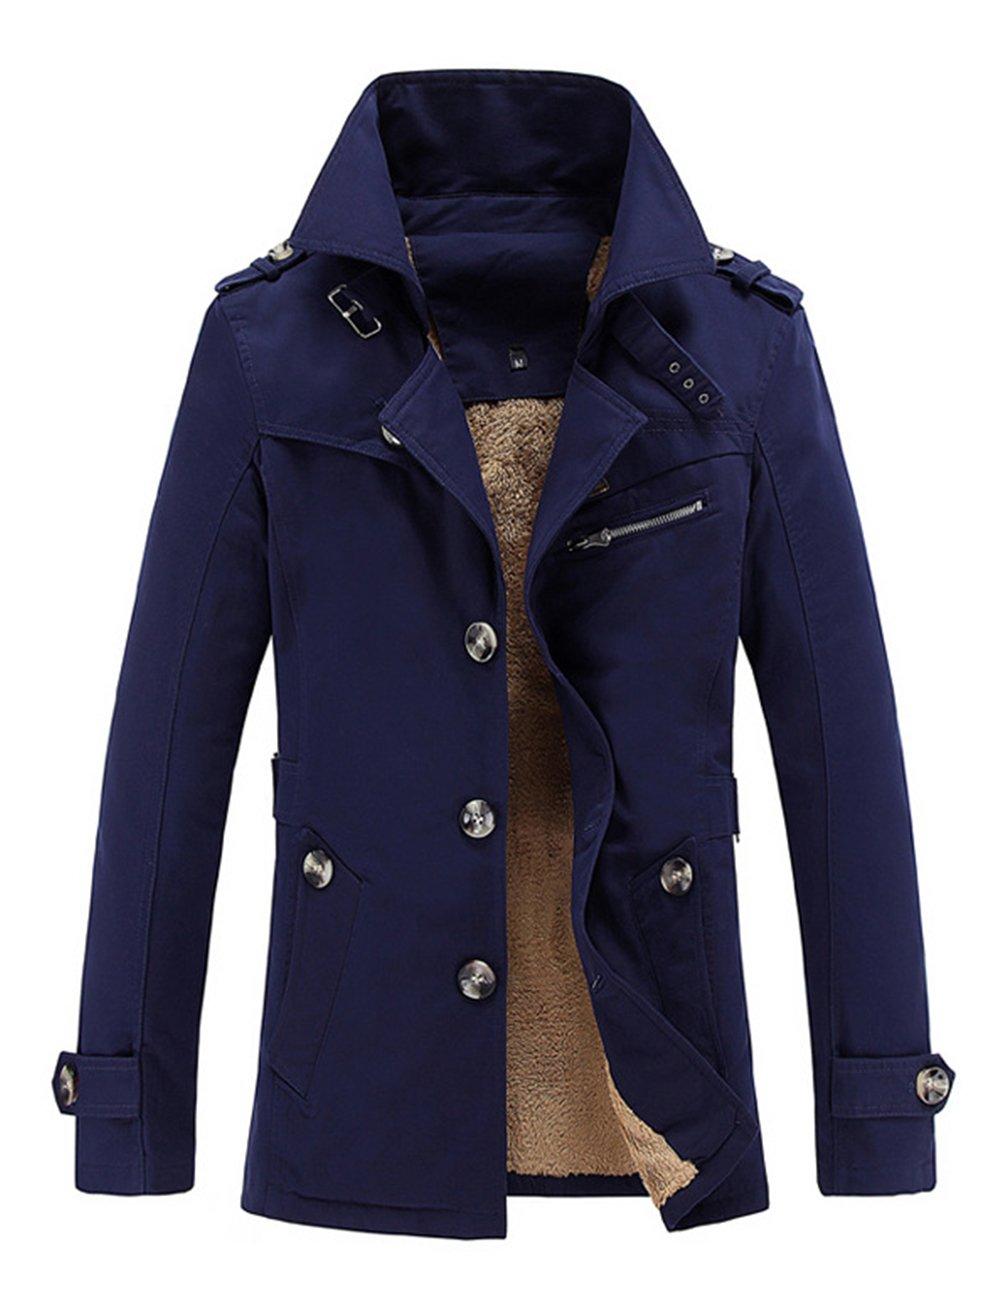 Menschwear OUTERWEAR メンズ B075FCM4NC 3L|ブルー ブルー 3L